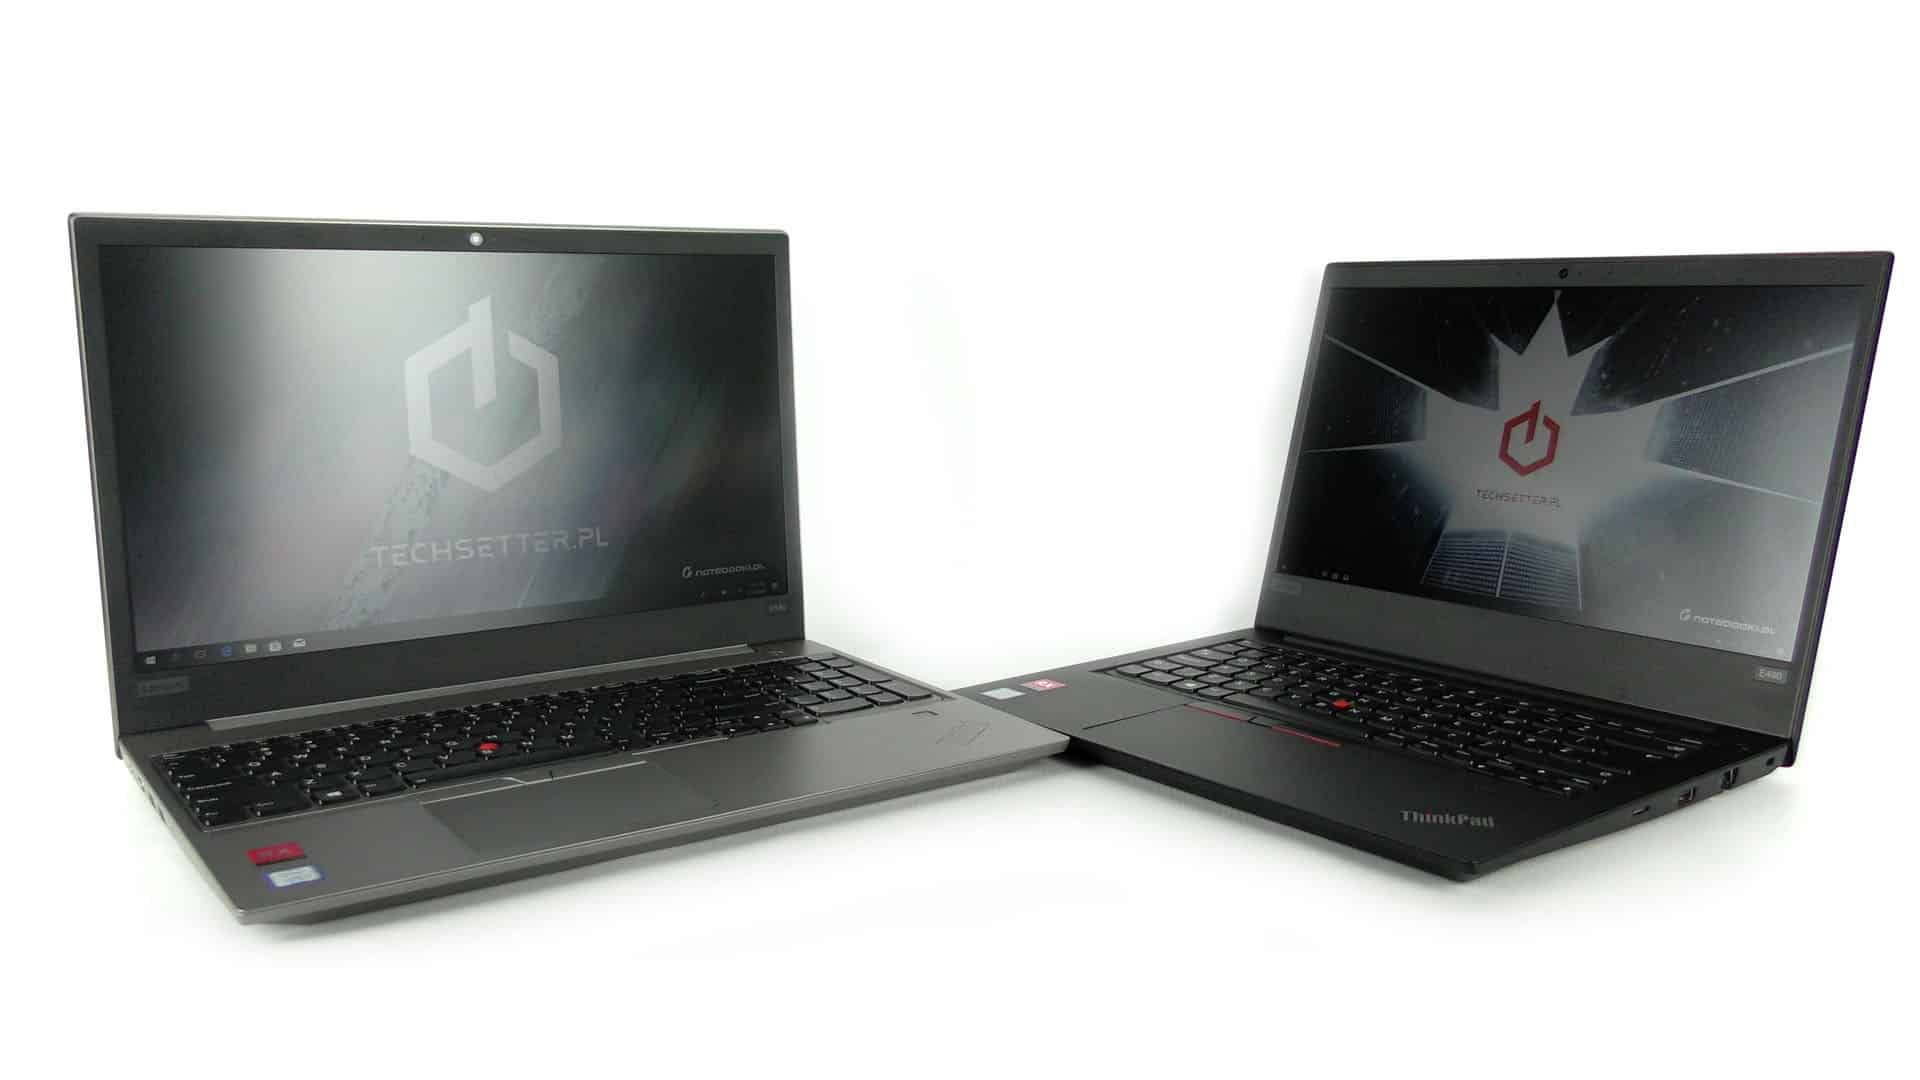 Lenovo ThinkPad E480 oraz E580